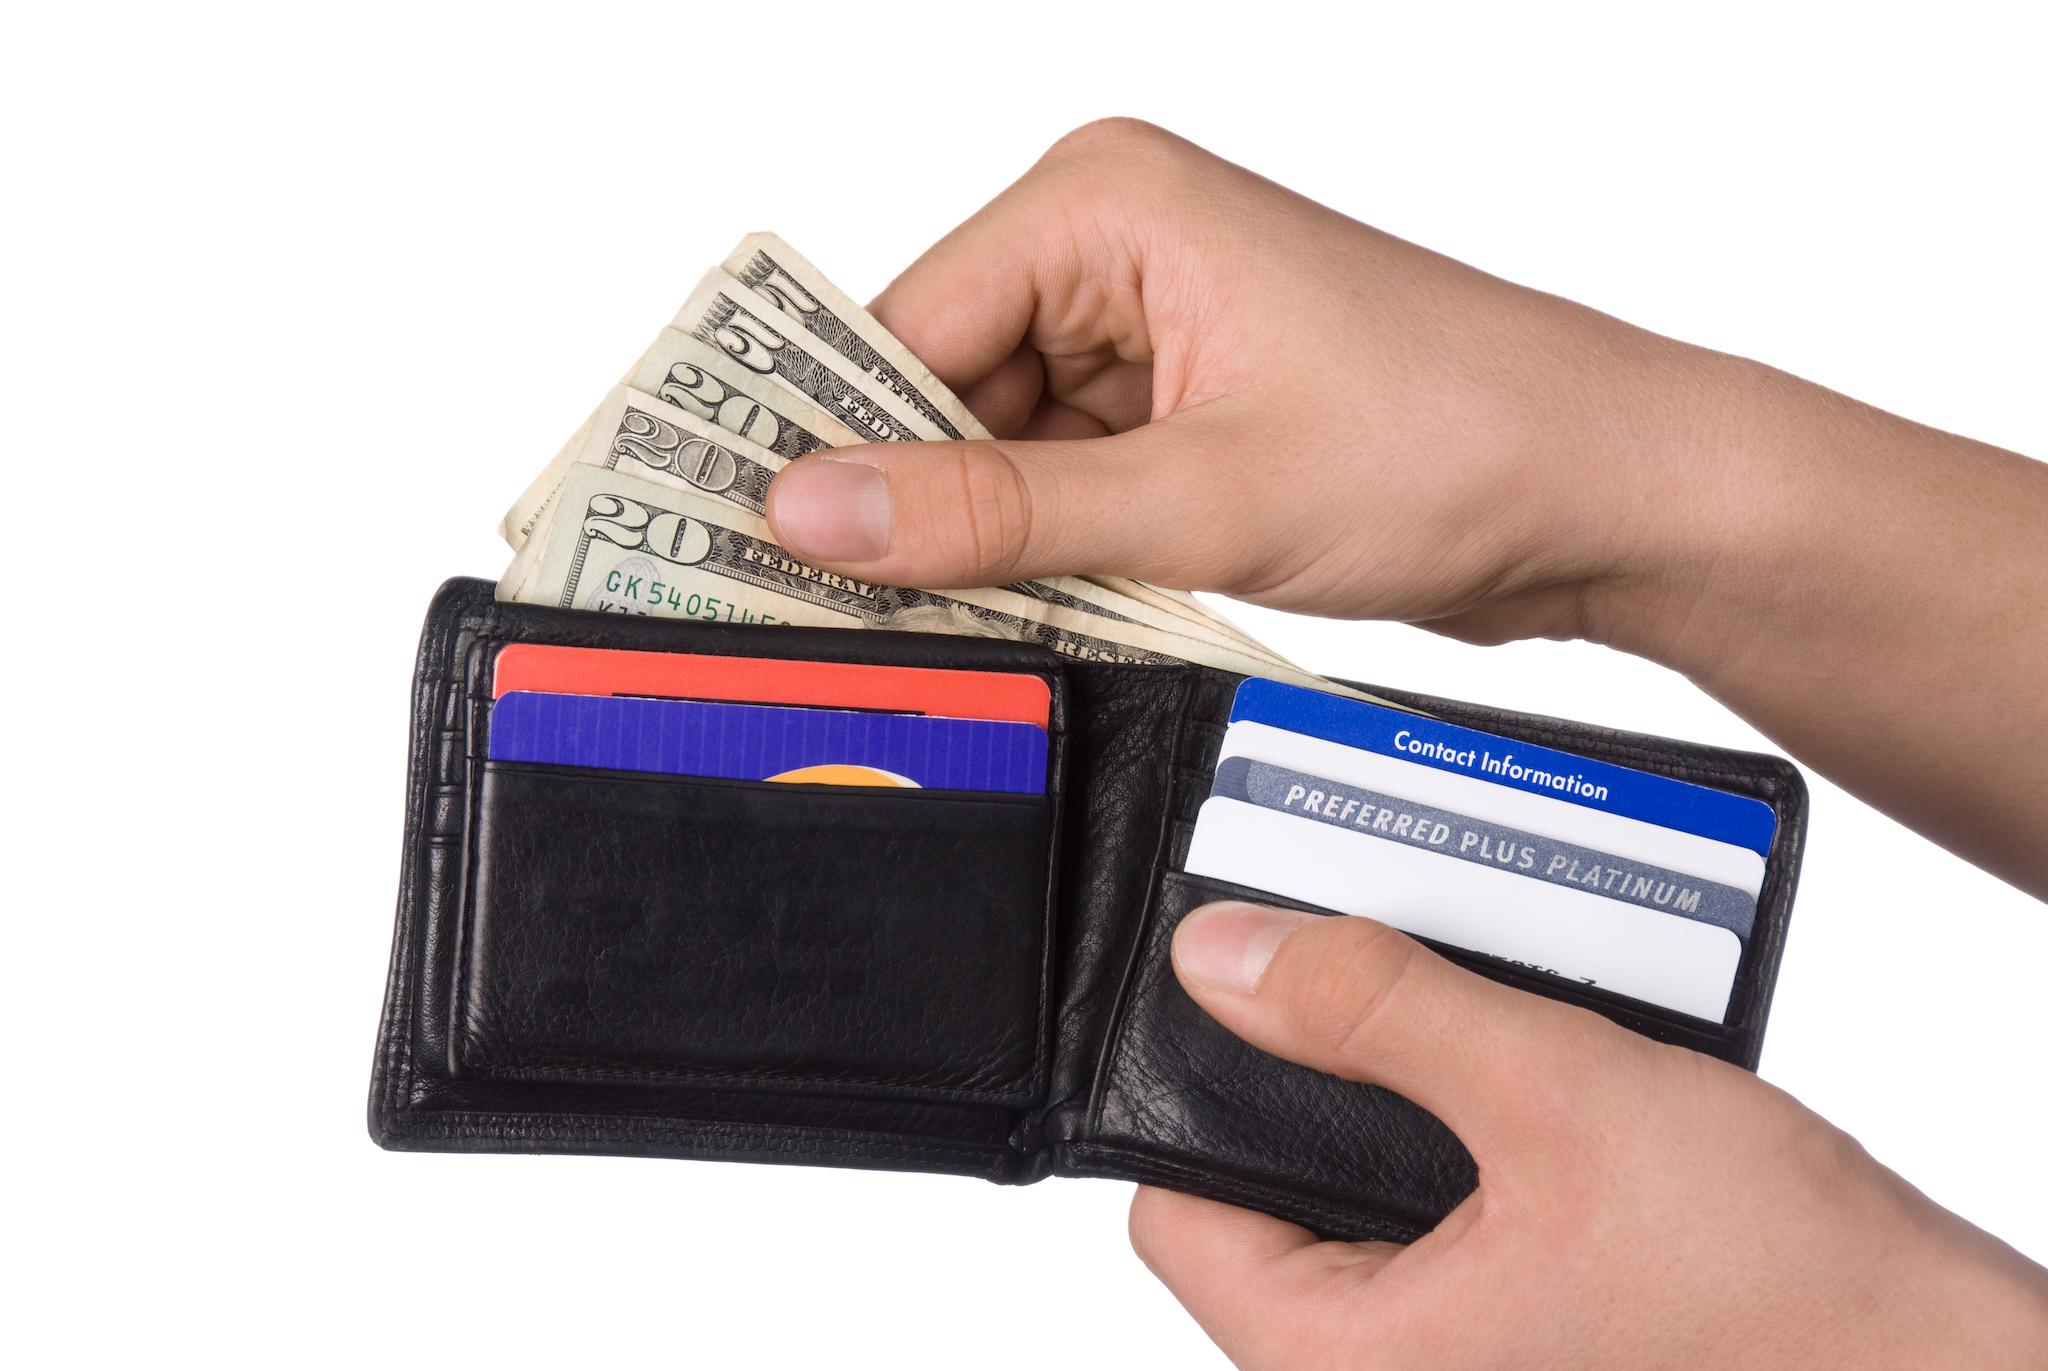 capital one platinum credit card billing address получить кредит в банке с плохой кредитной историей напрямую без посредников